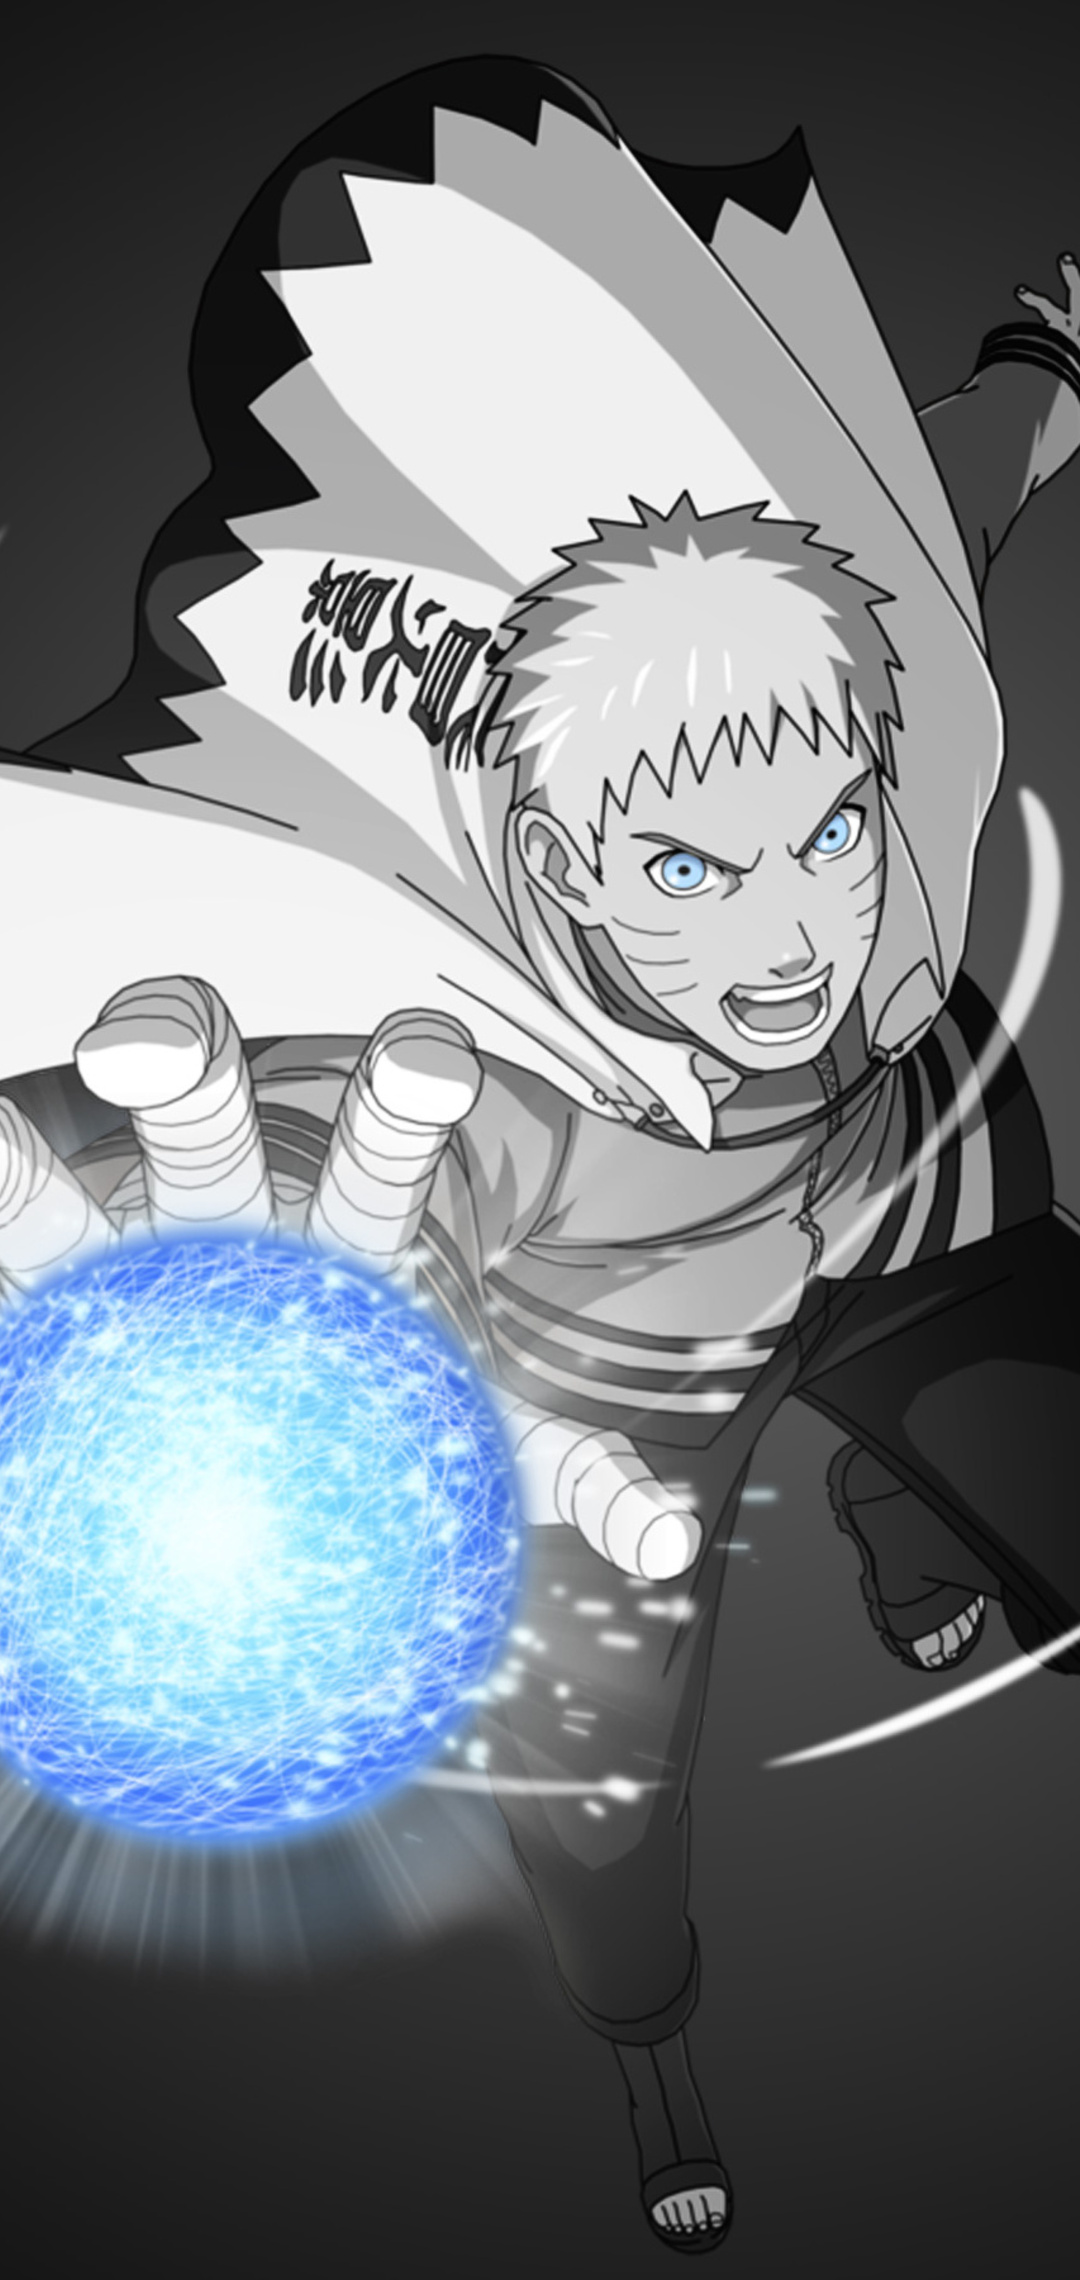 Wallpaper Naruto Hd For Xiaomi Top Anime Wallpaper